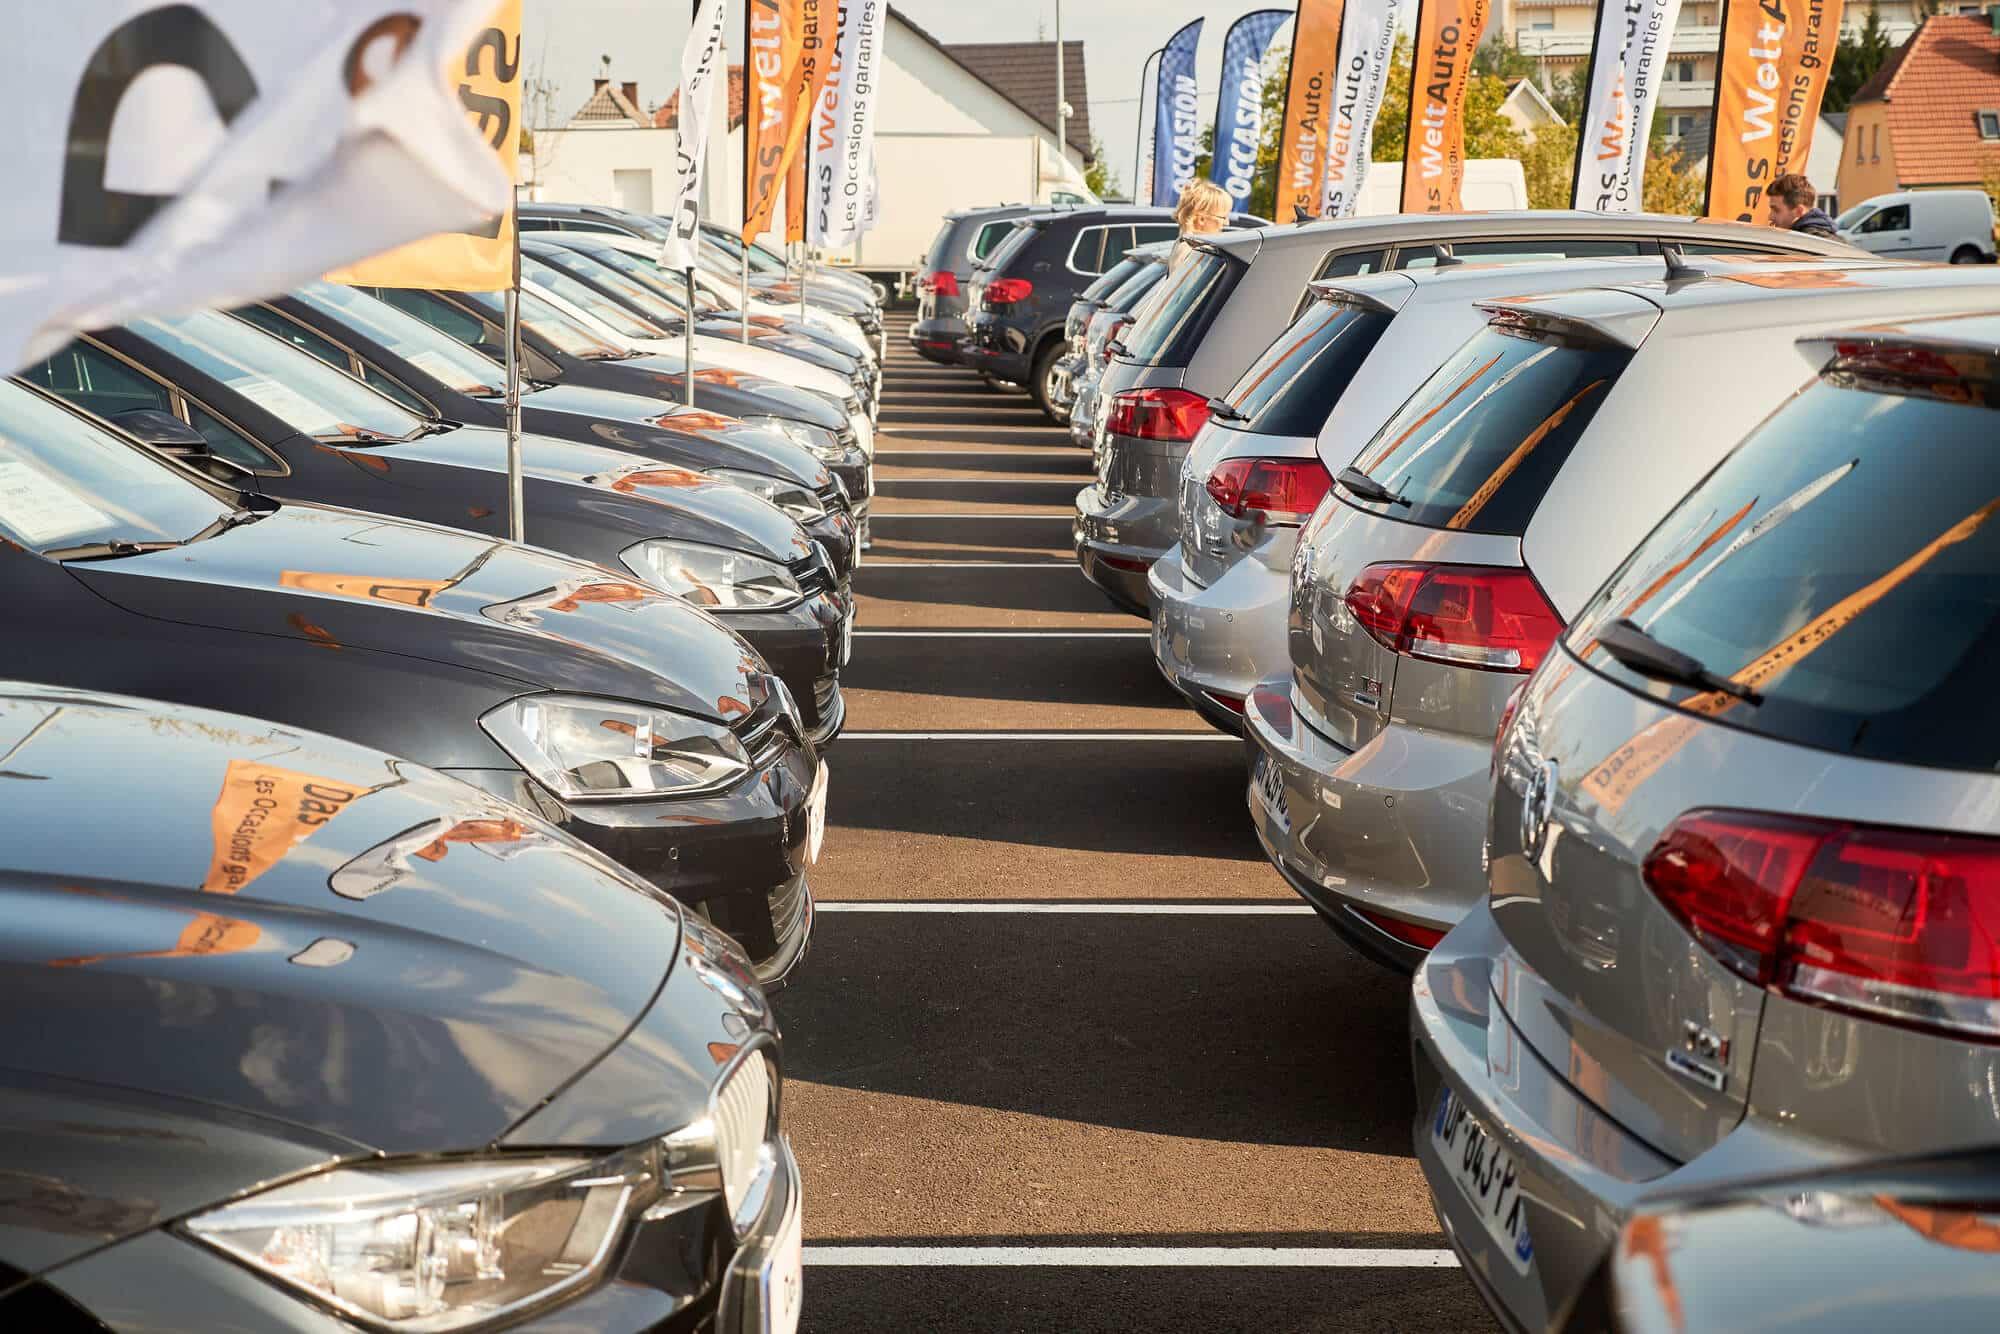 Leilão de carros no Banco do Brasil: Como Funciona?